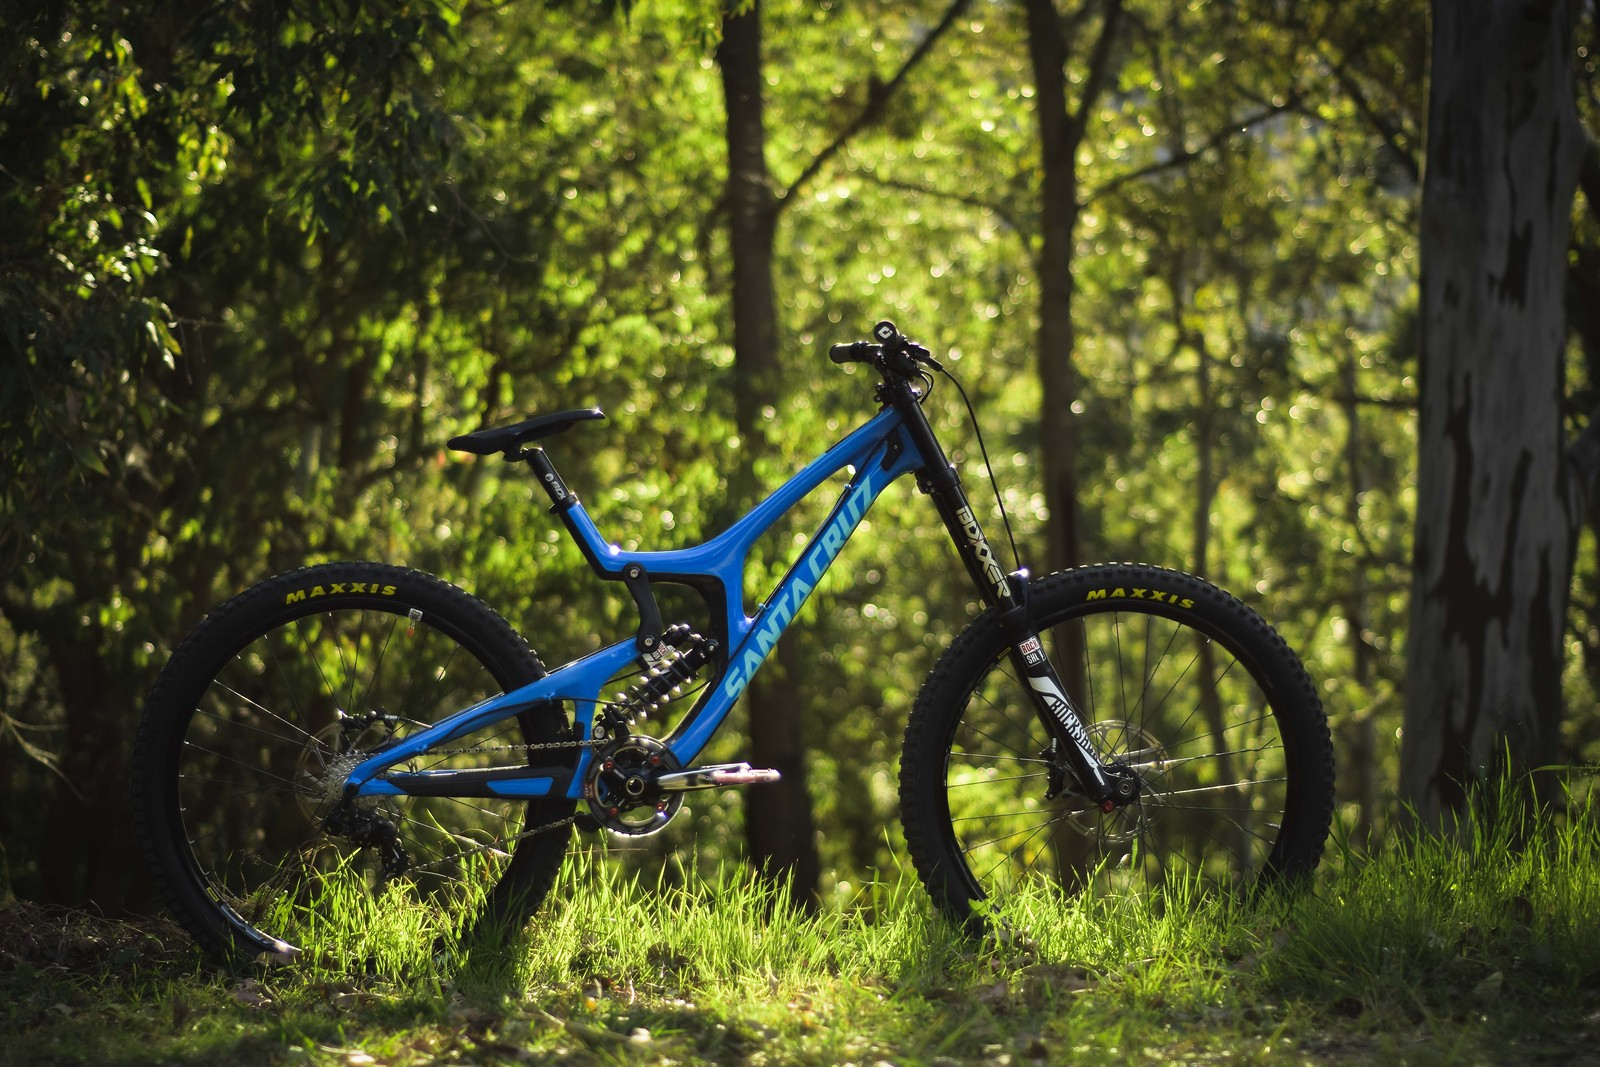 Patrick Butler's Blue Santa Cruz V10 CC